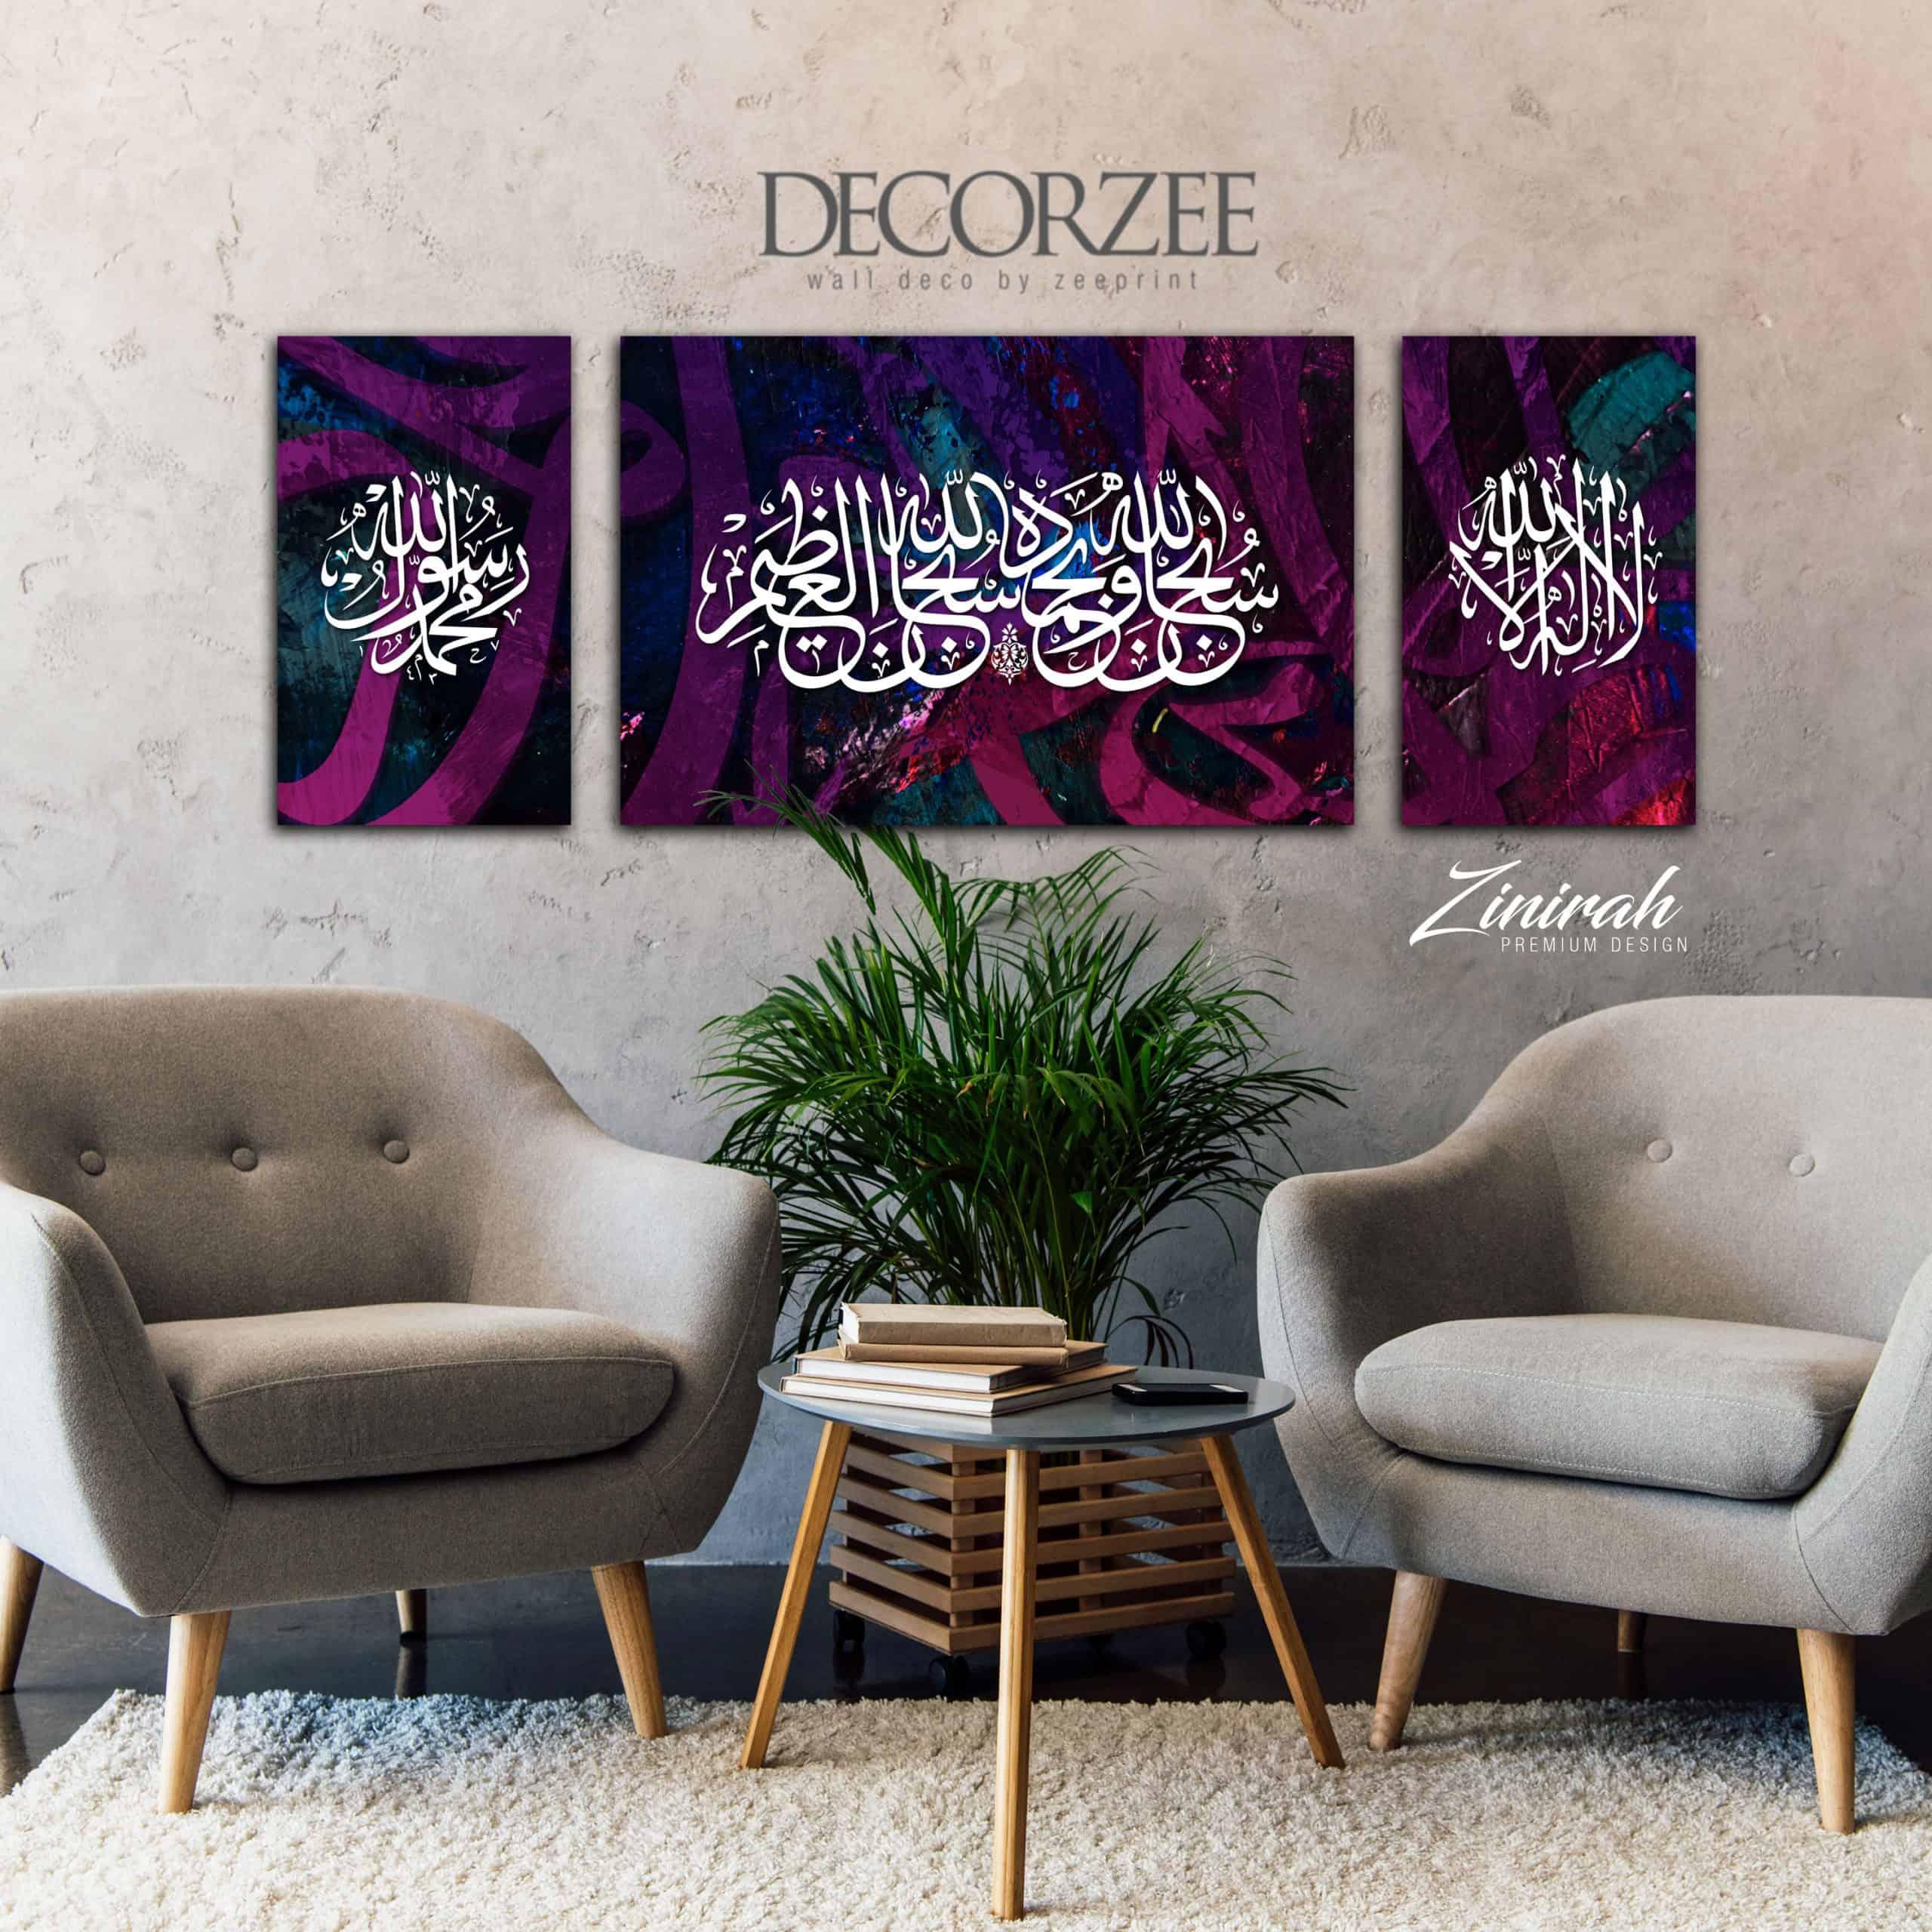 Design Zinirah